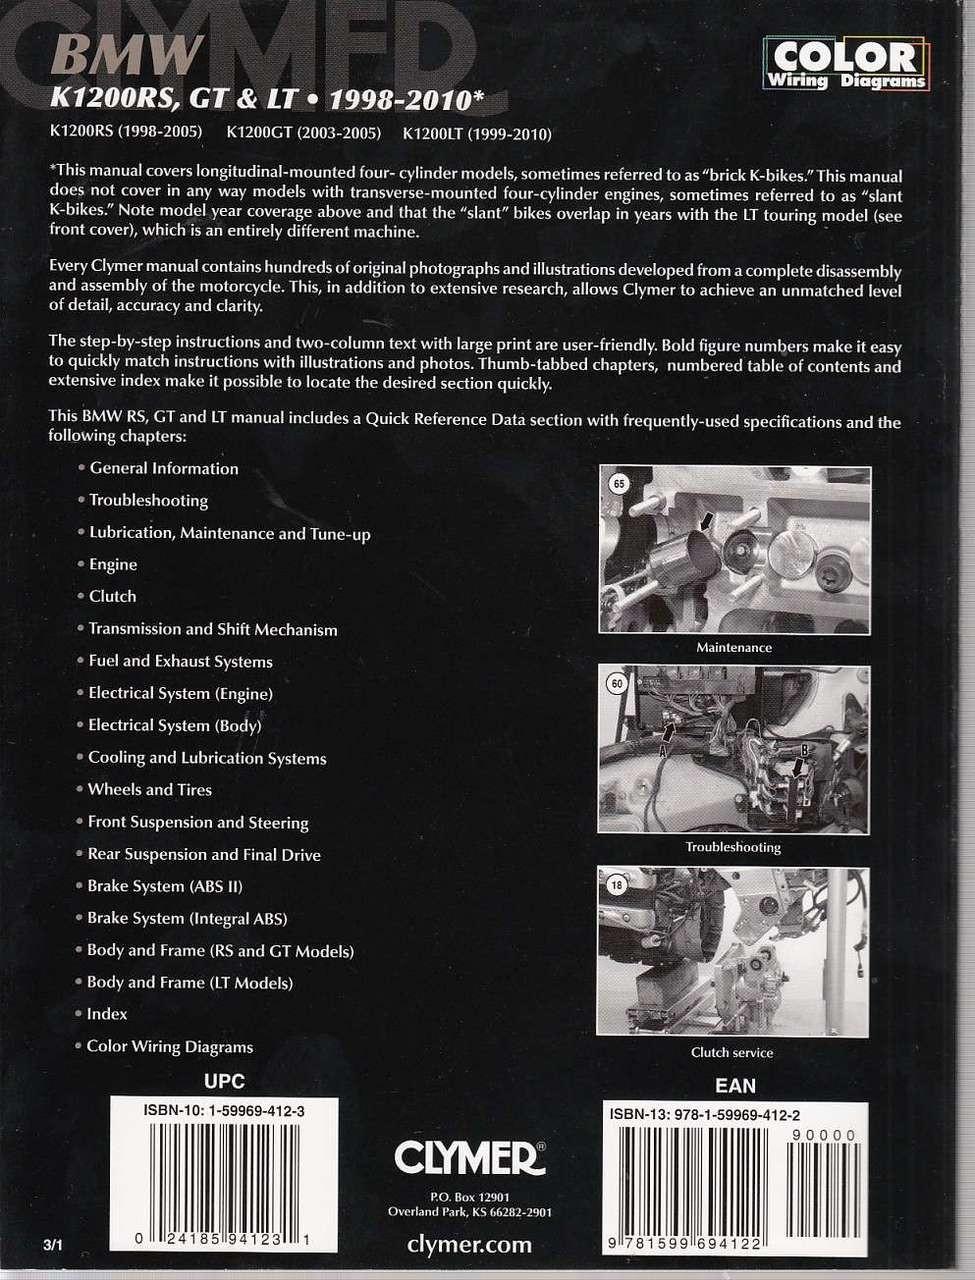 Bmw K 1200 Gt Wiring Diagram Libraries Motorcycle Librarybmw K1200rs K1200gt And K1200lt 1998 2010 Workshop